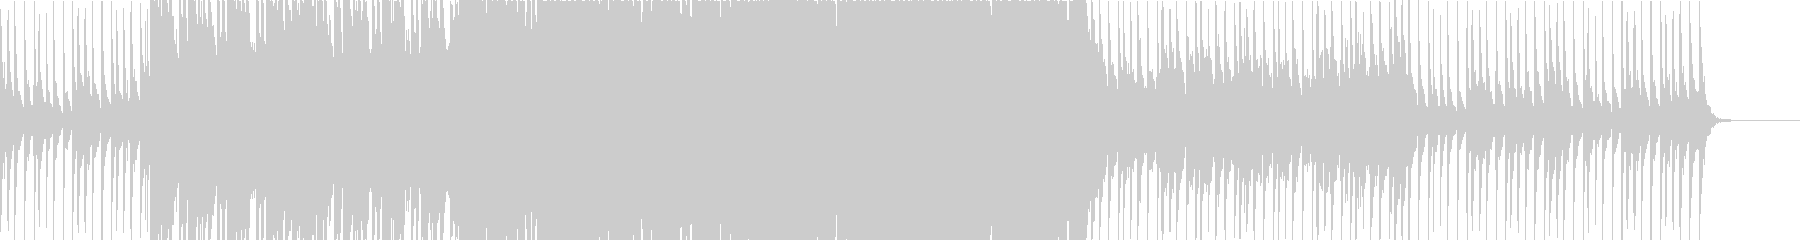 爽やか、軽快なトロピカルハウスの未再生の波形